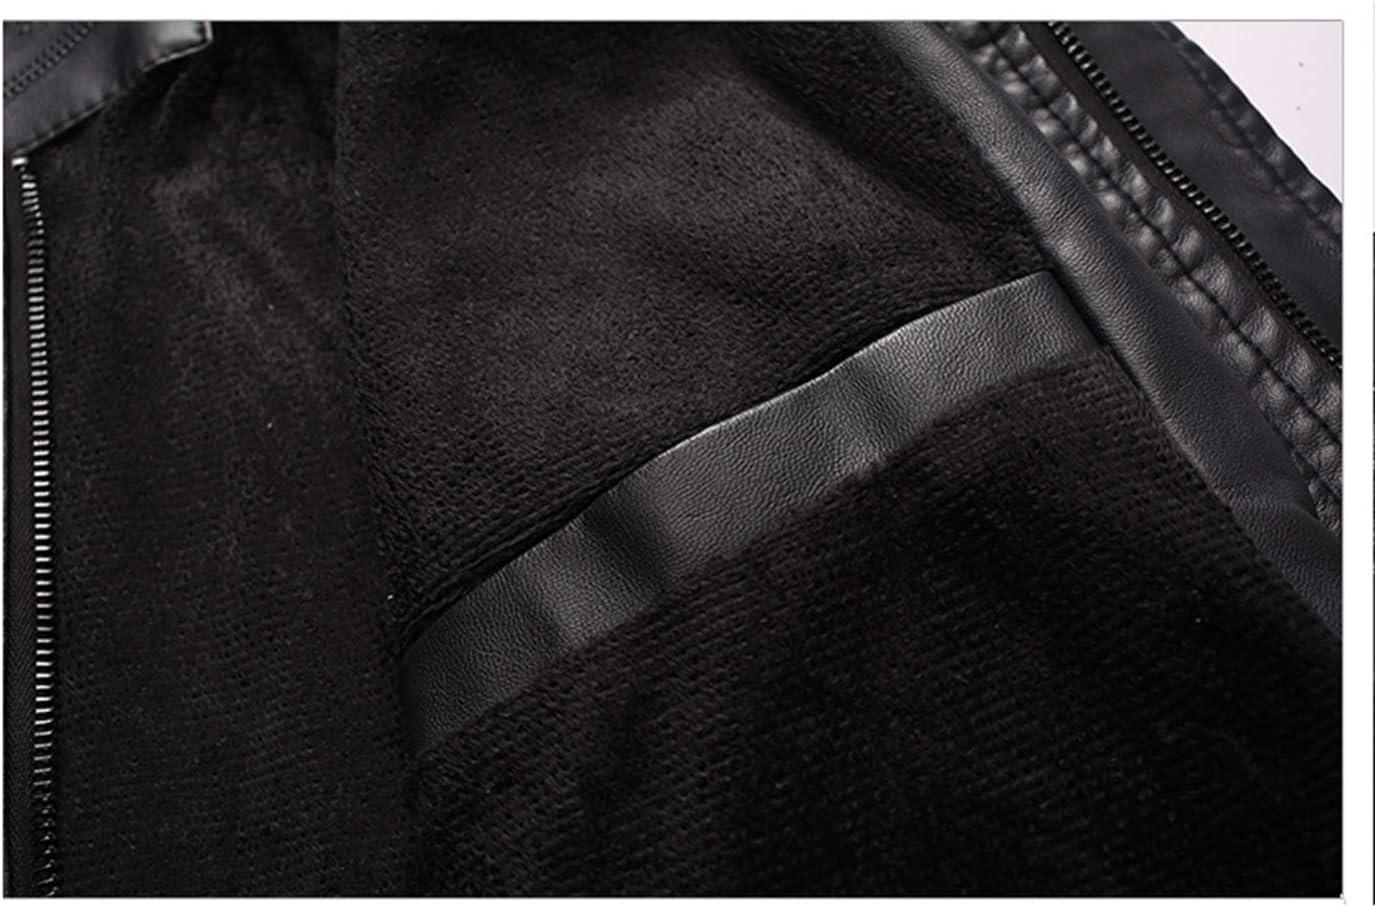 N/P Veste en Cuir Chaude pour Hommes Uniforme de Baseball pour Hommes avec Broderie lavée Protection Contre Le Froid Automne-Hiver D